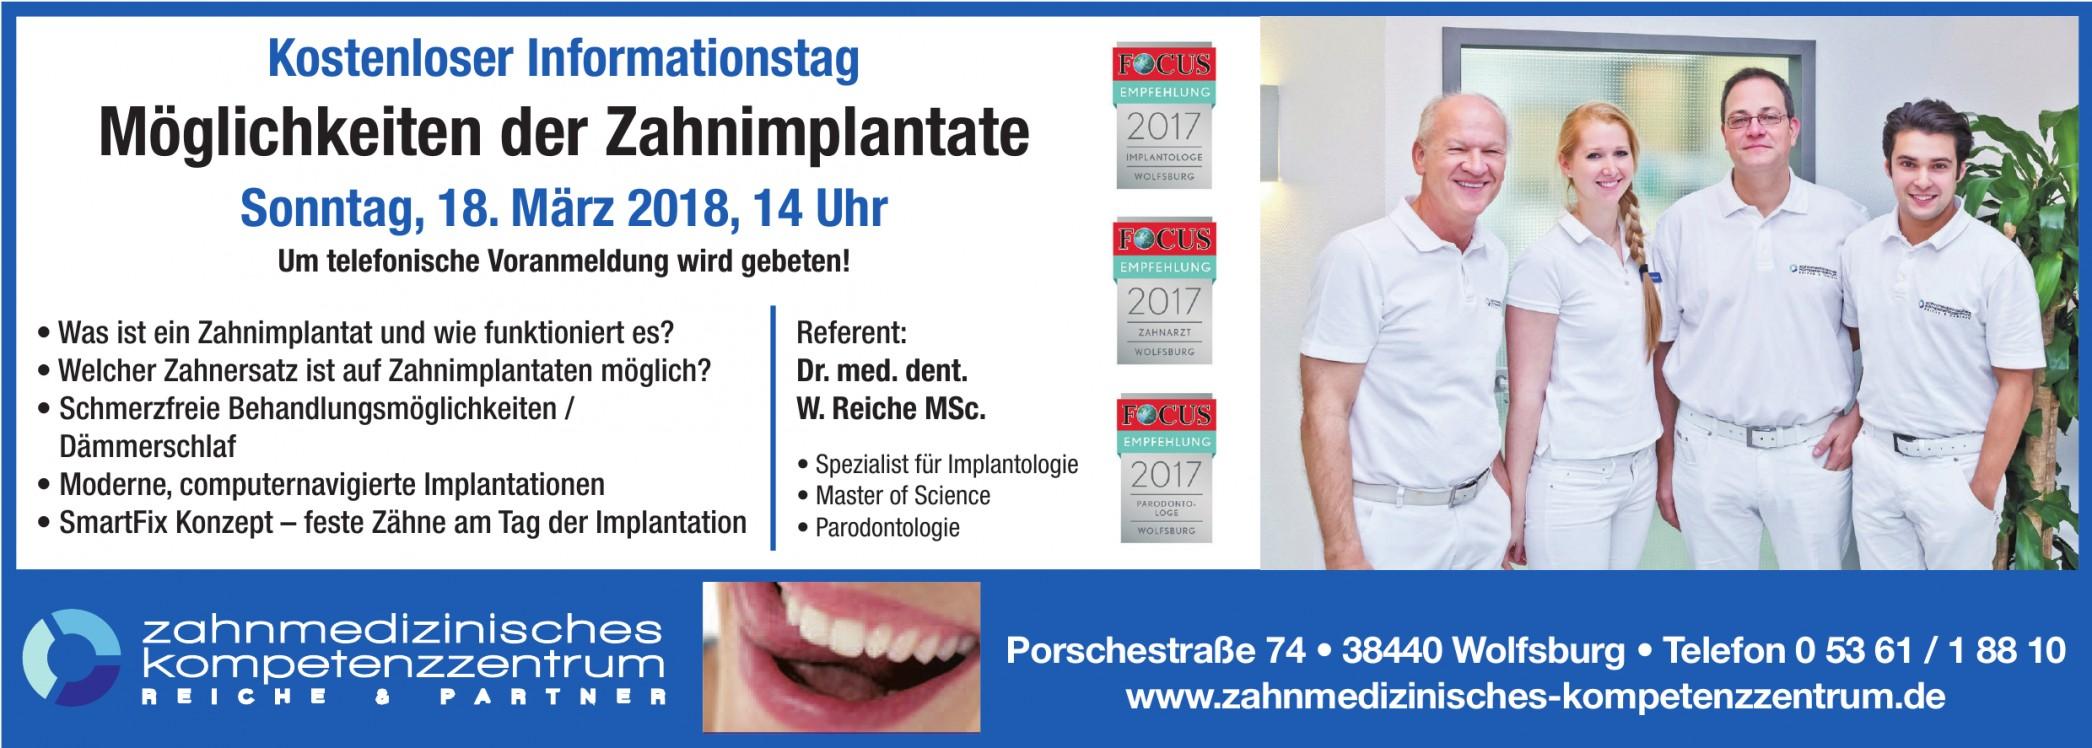 Zahnmedizinisches Kompetenzzentrum Reiche & Partner